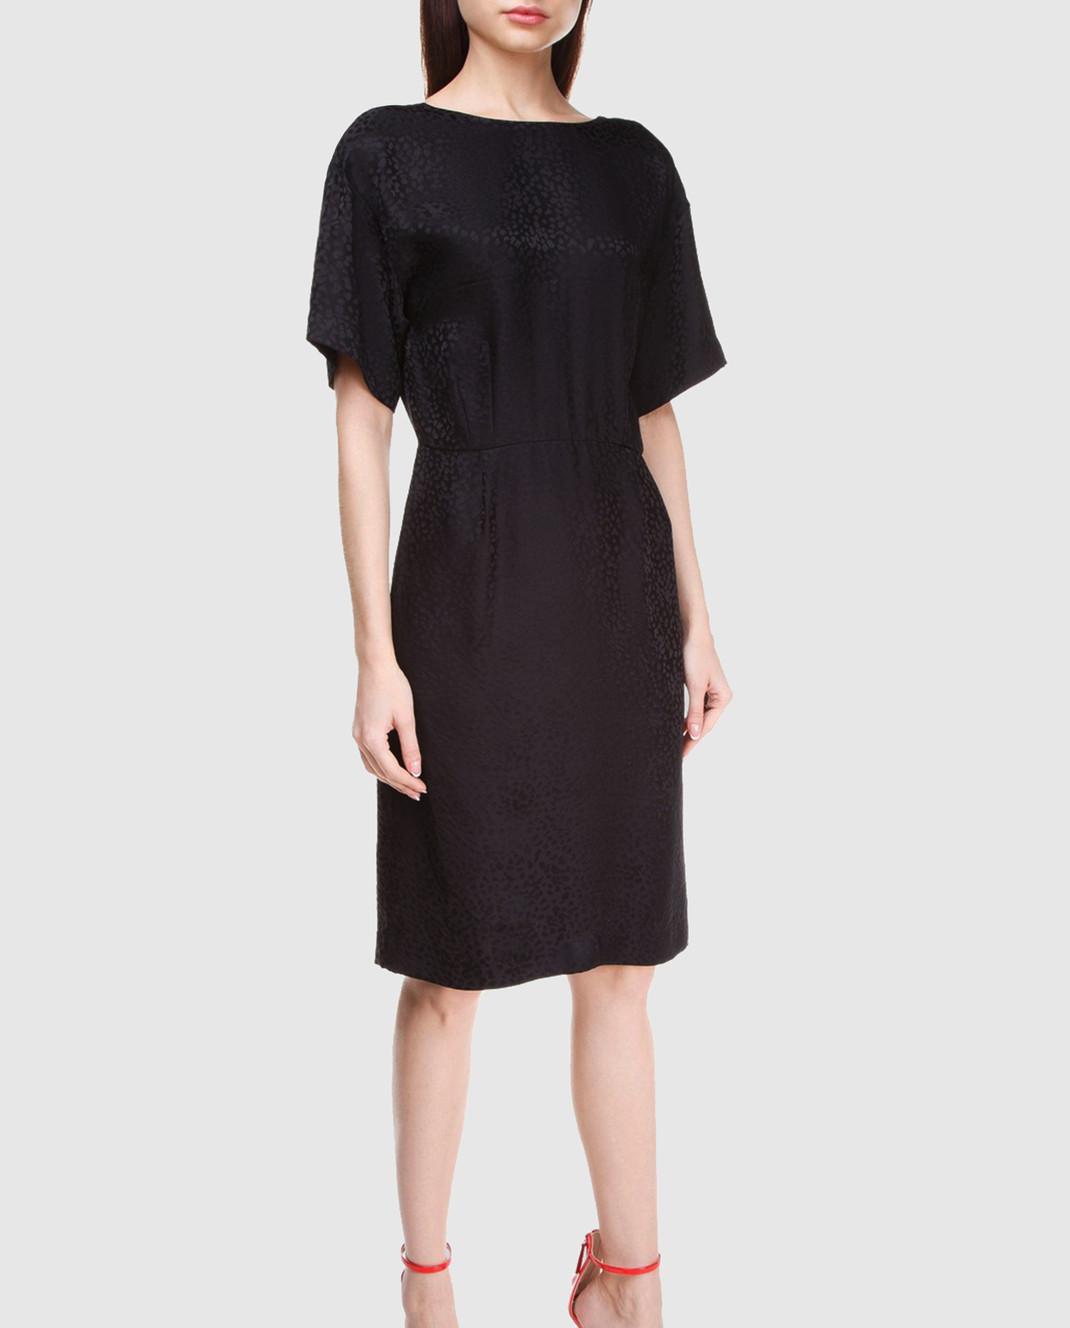 Alexander Terekhov Черное платье из шелка изображение 2